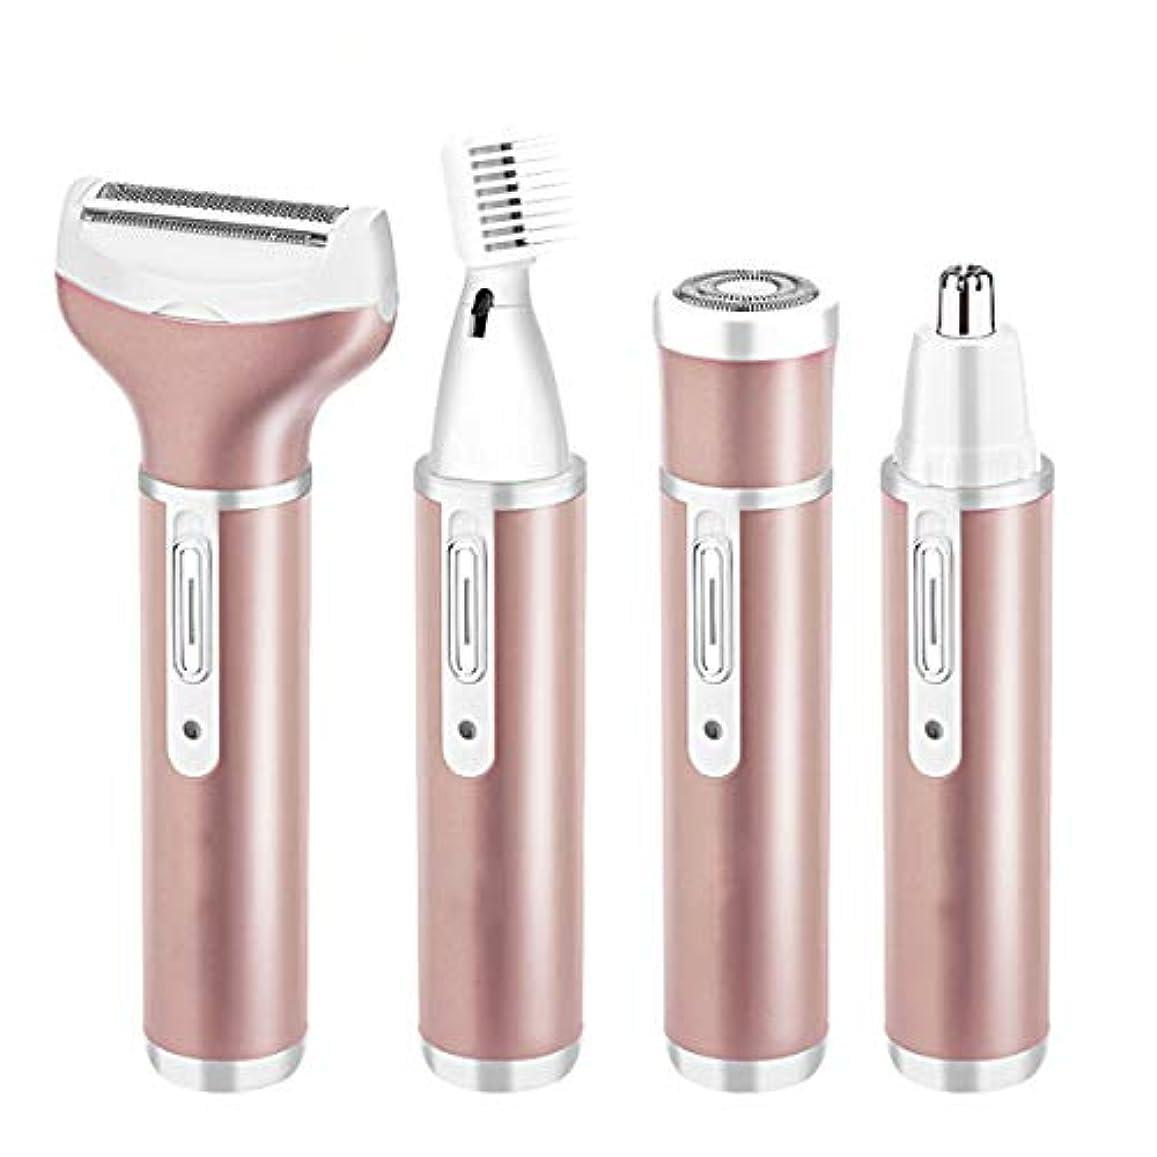 鉄噂種をまくレディースシェーバー シェーバー 女性 電動シェーバー 脱毛シェーバー USB電動充電式 ピンク